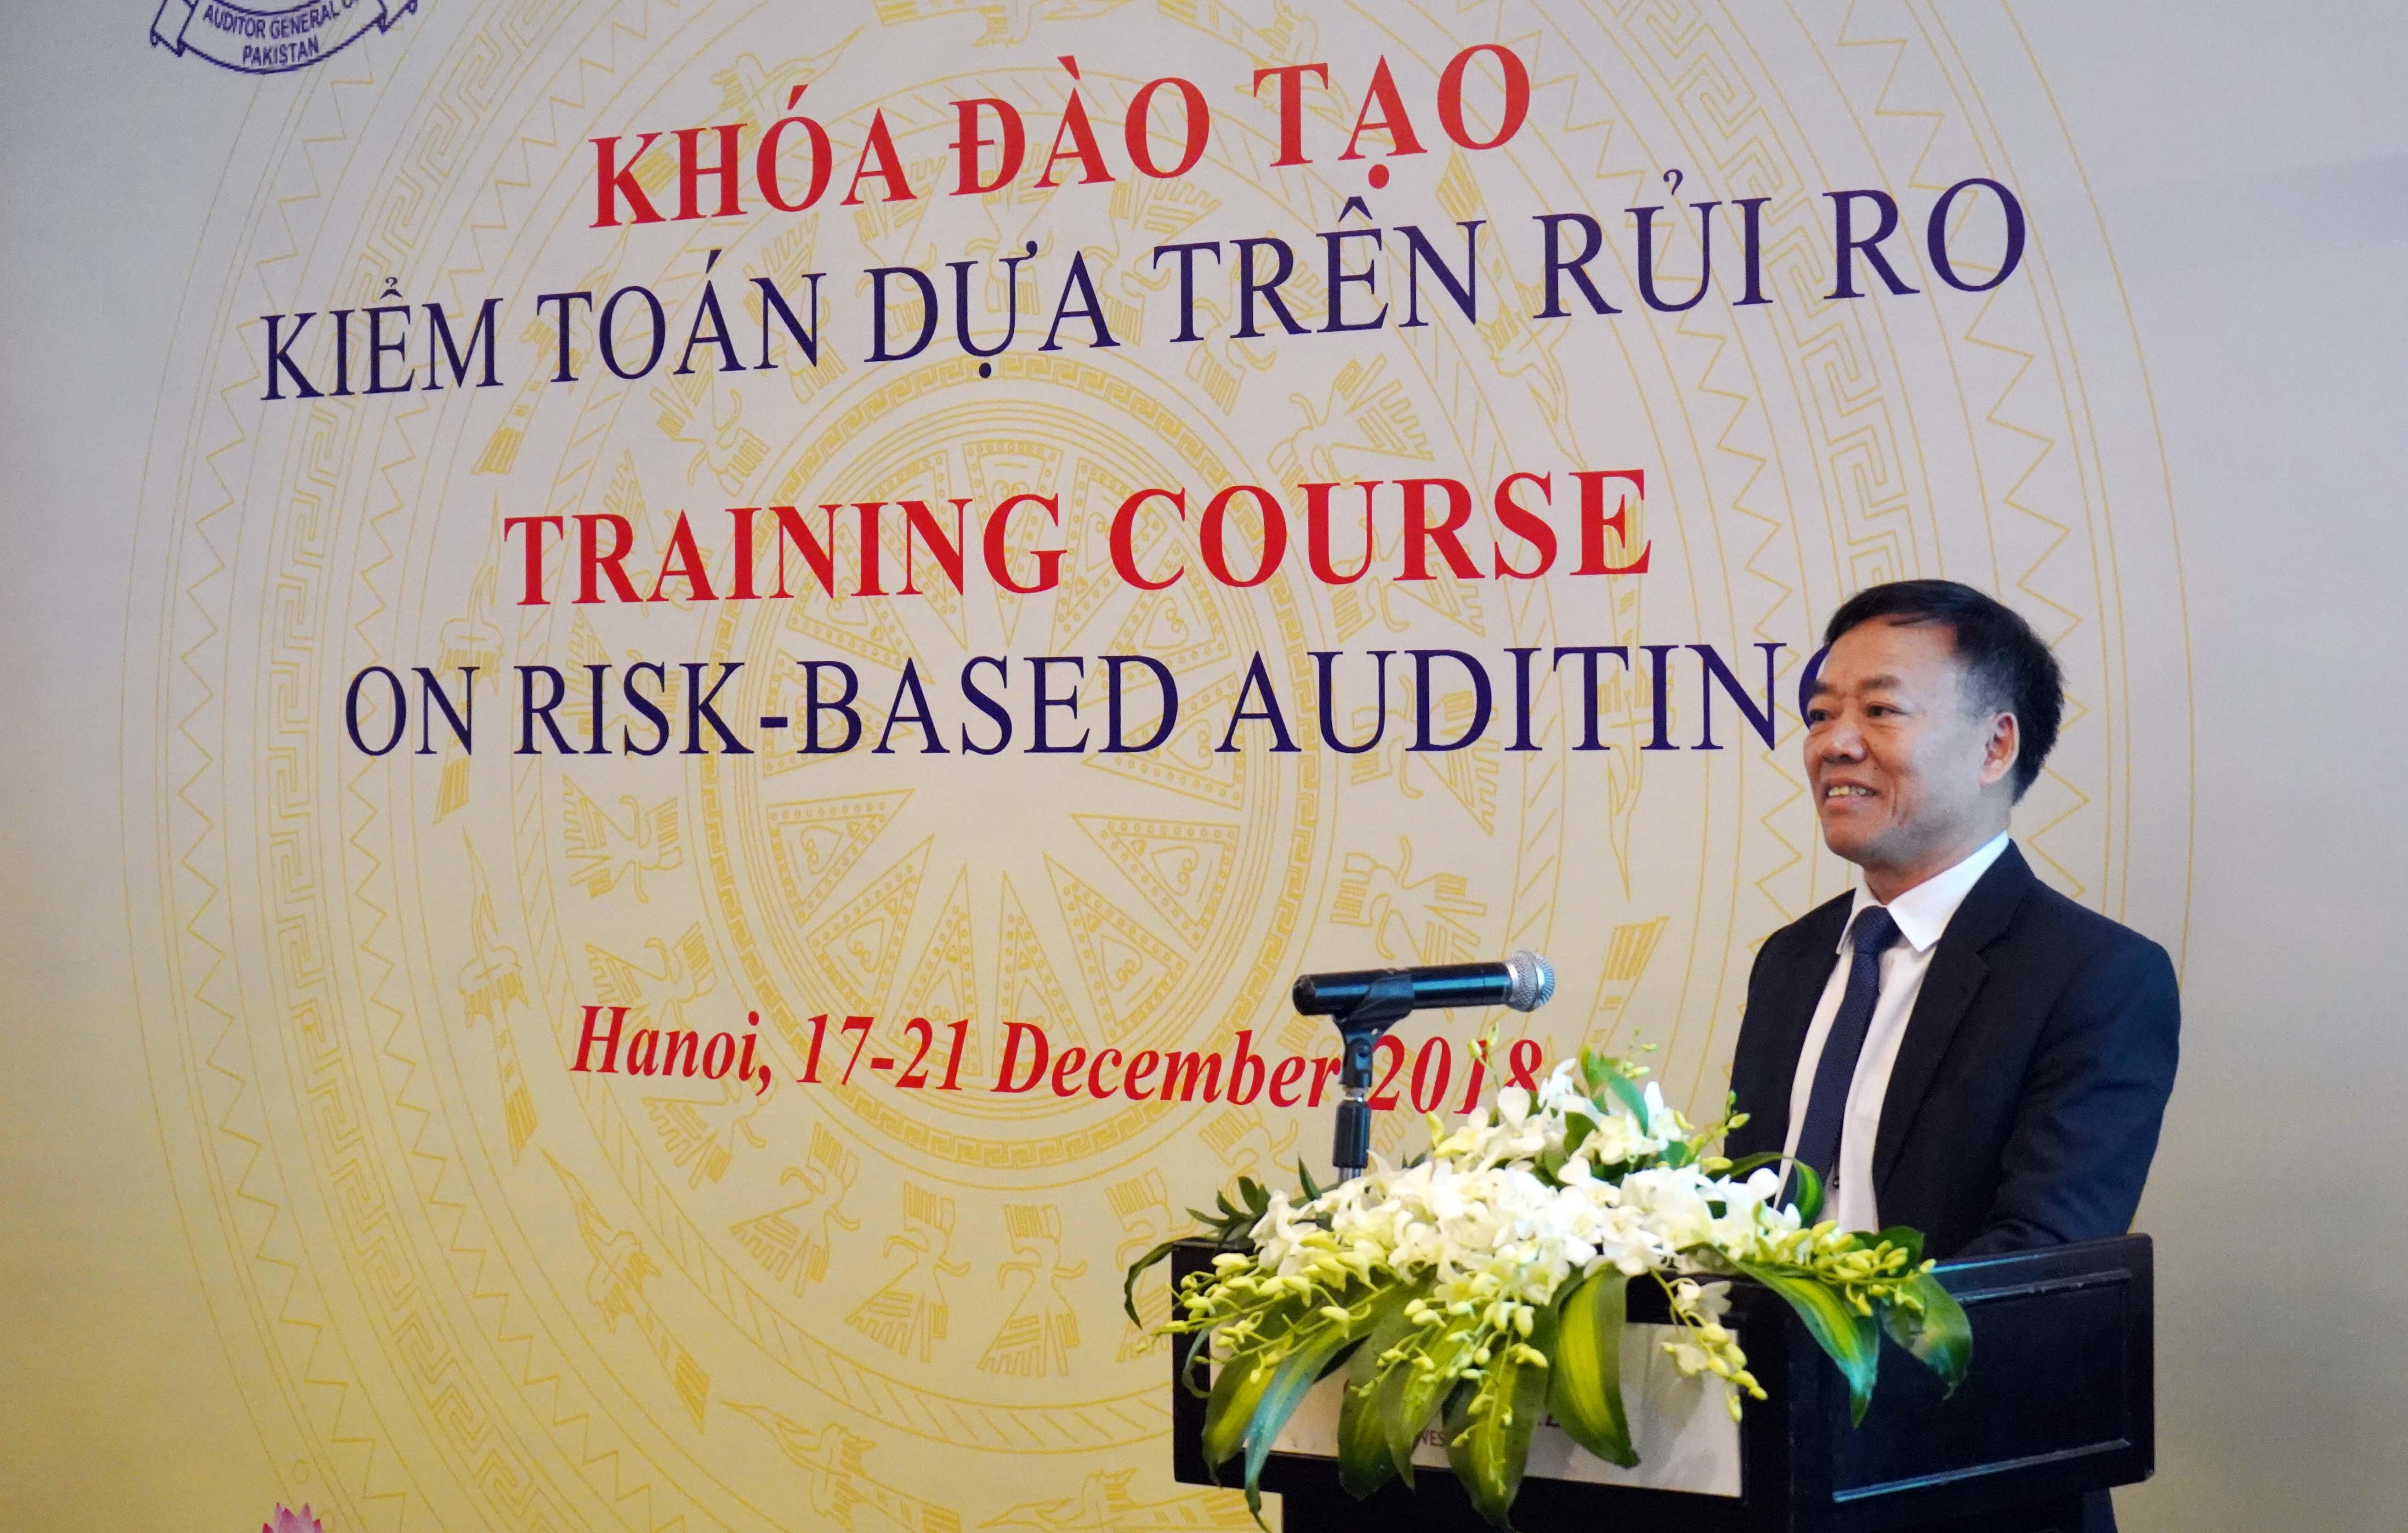 Khai mạc Khóa đào tạo về kiểm toán dựa trên rủi ro